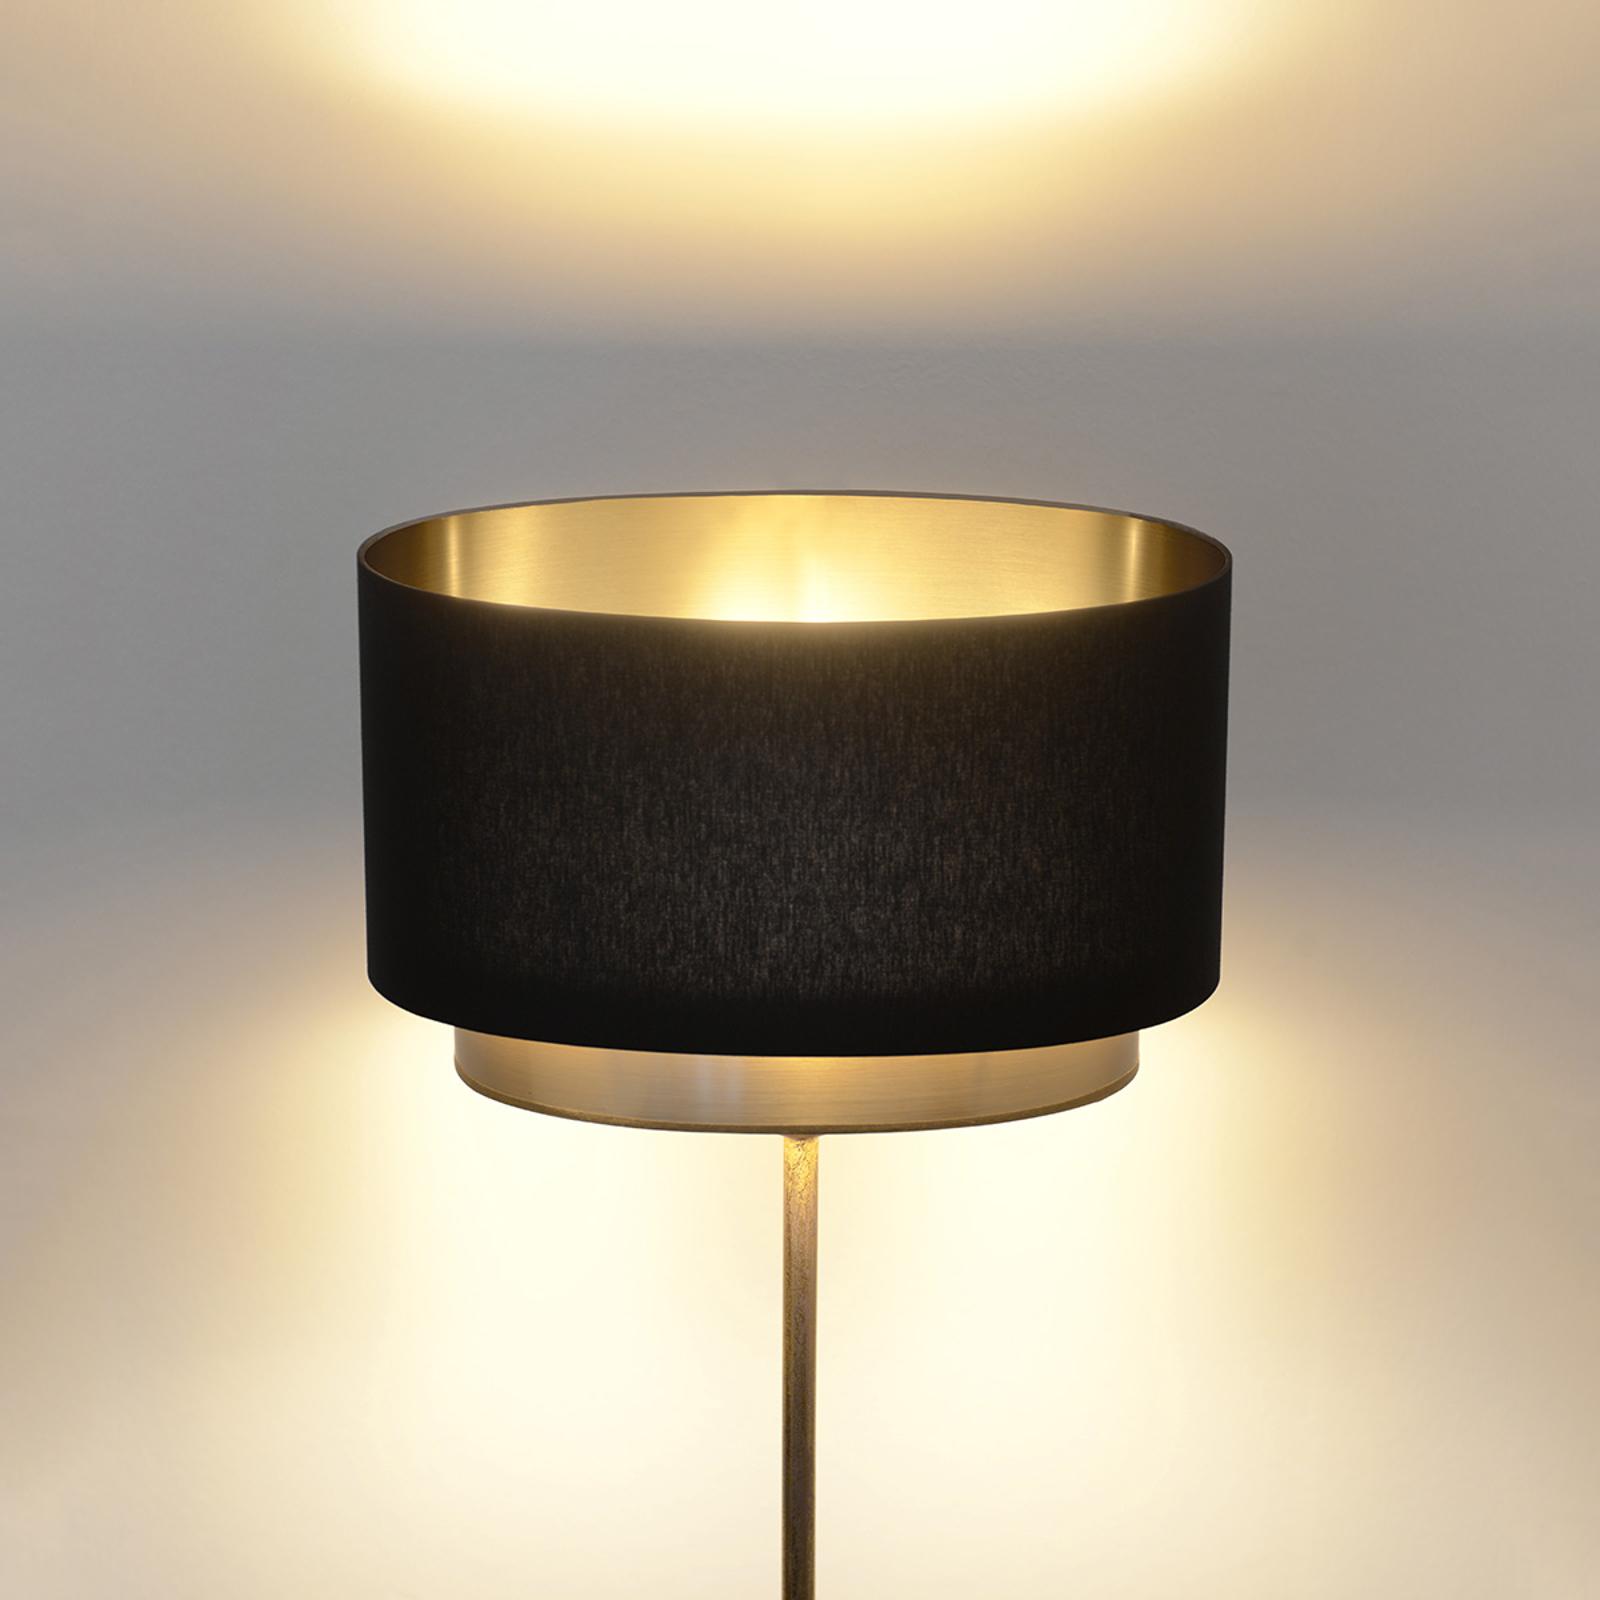 Stehlampe Mattia, Schirm oval und doppelt, schwarz